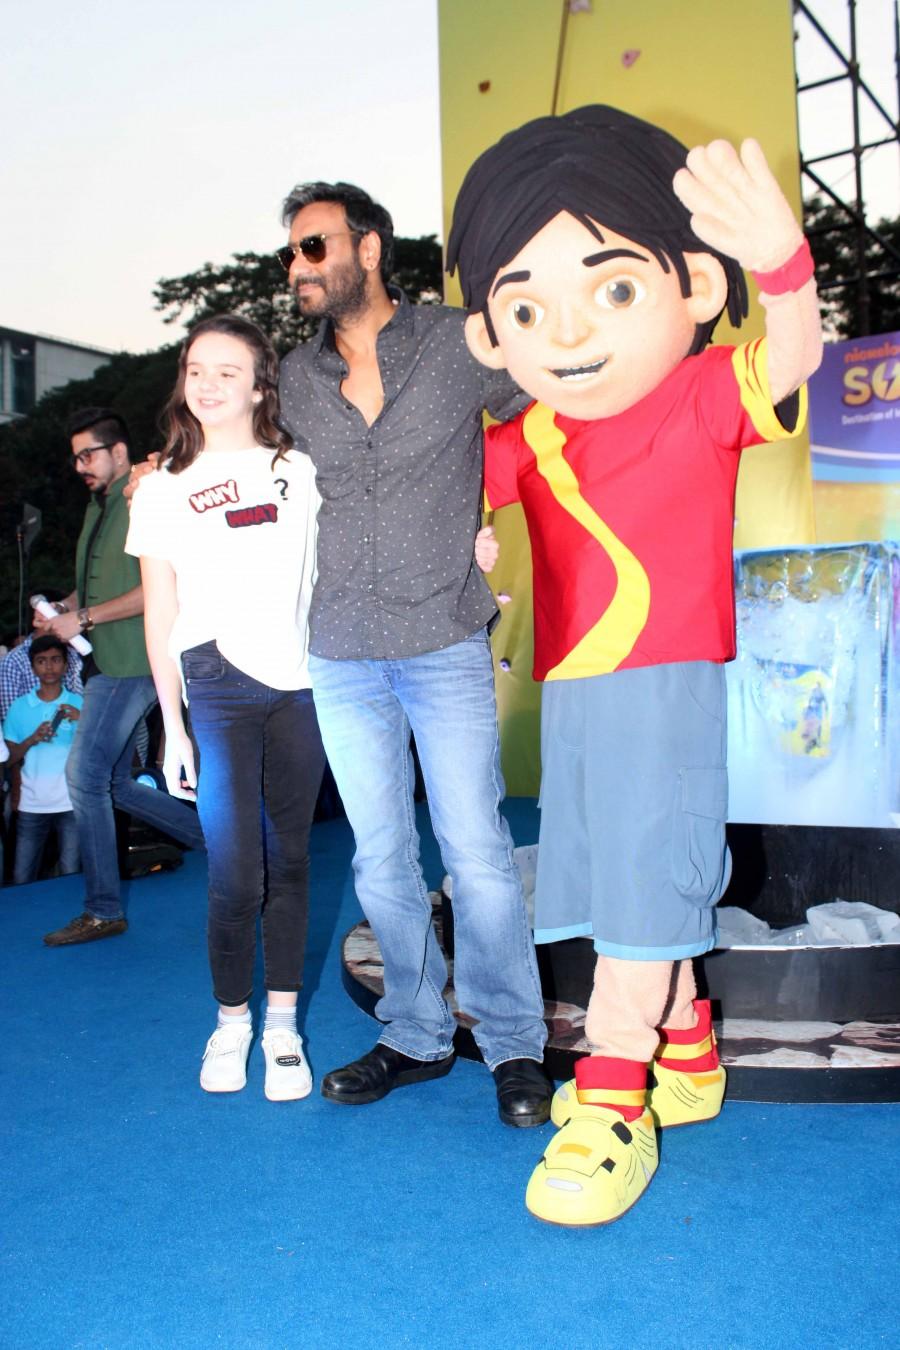 Promotion of film Shivaay,Shivaay movie Promotion,Shivaay Promotion,Ajay Devgn promotes Shivaay movie,Ajay Devgn promotes Shivaay film,Ajay Devgn promotes Shivaay